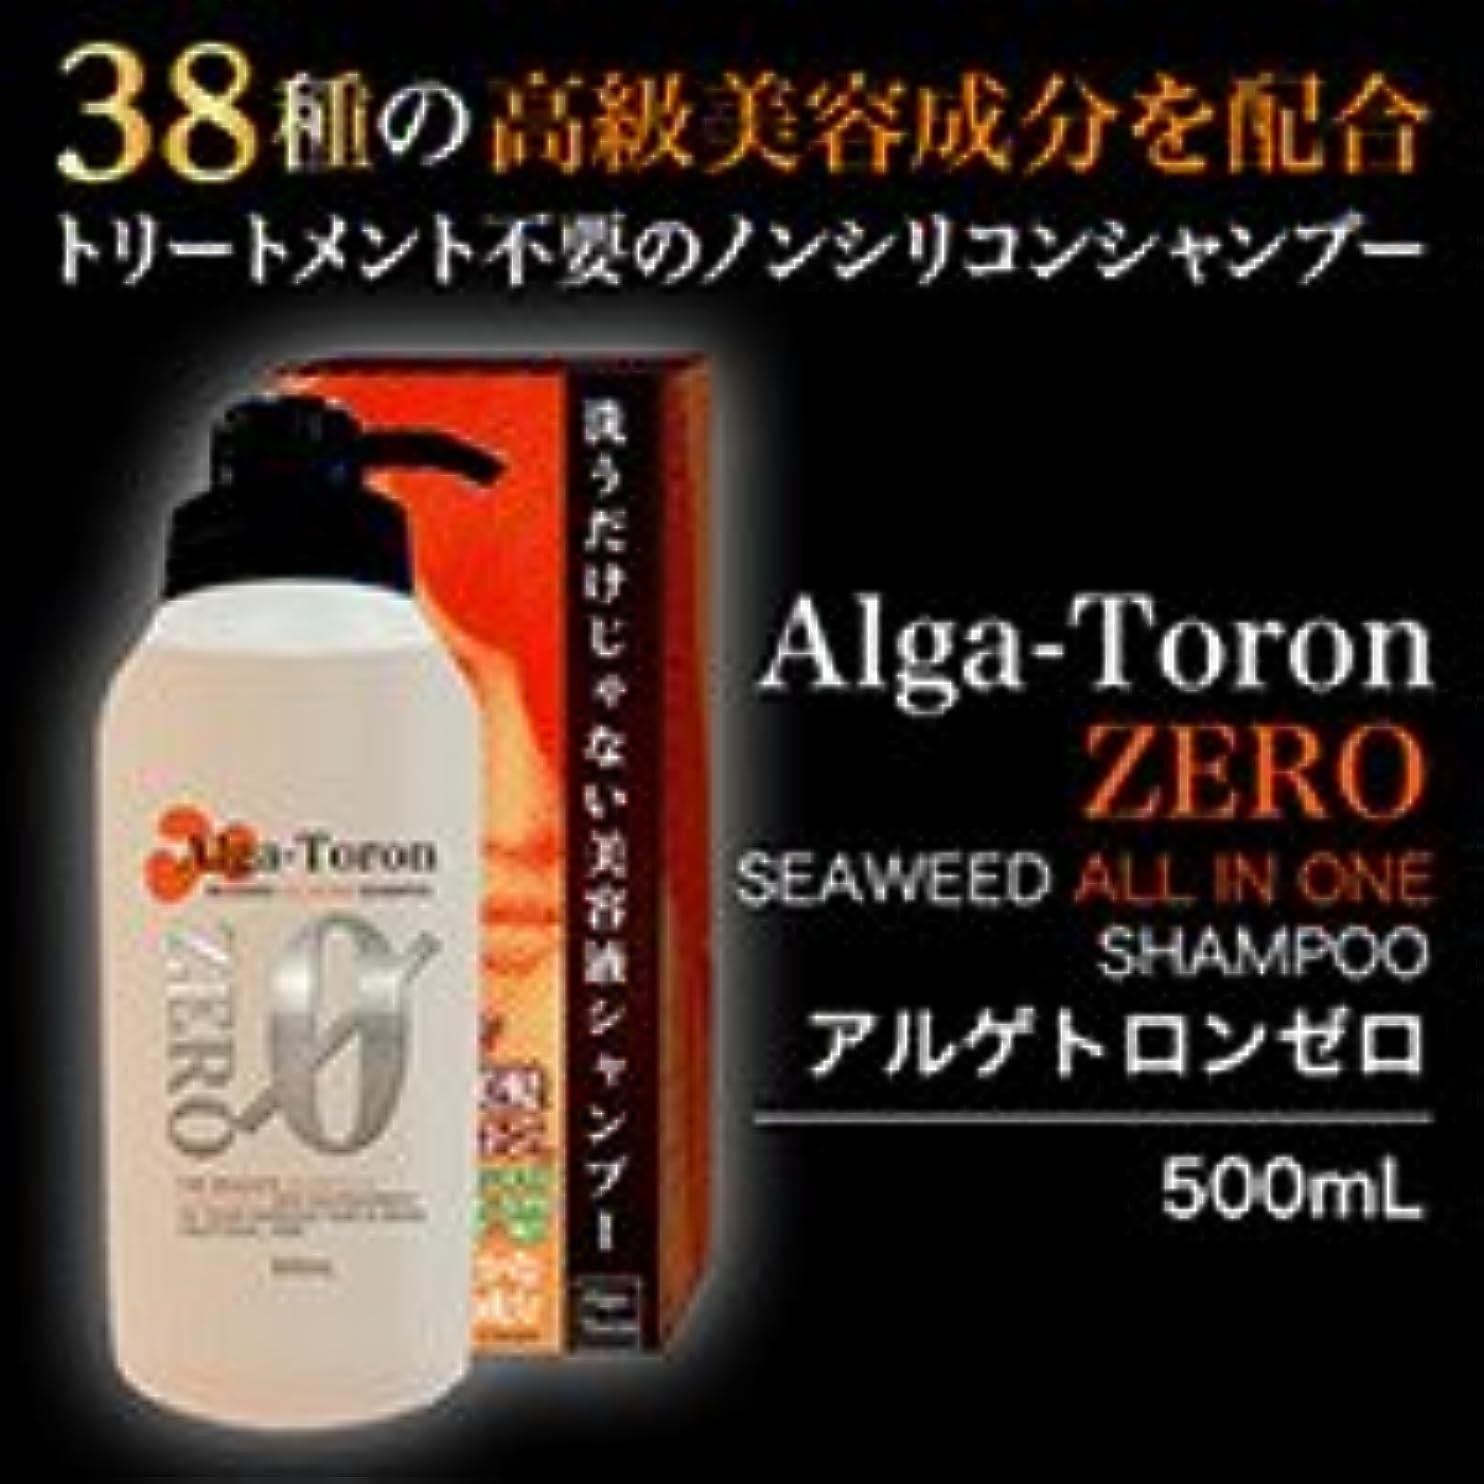 撃退する財政フォロー【ケンネット】アルゲトロンゼロシャンプー 500ml ×3個セット